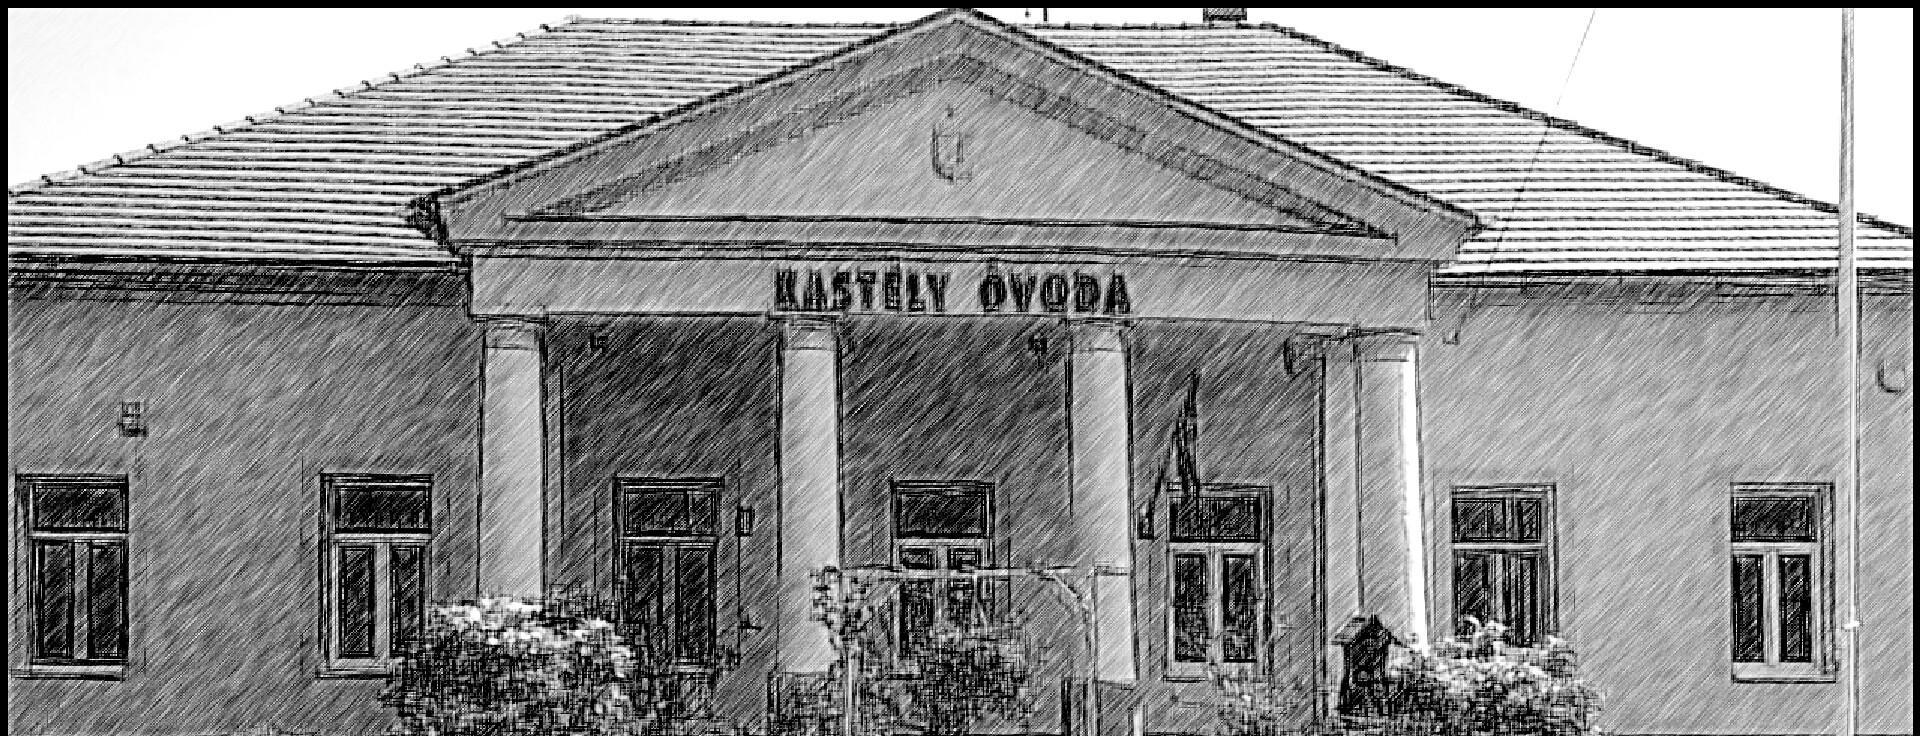 Kastély Óvoda És Bölcsőde